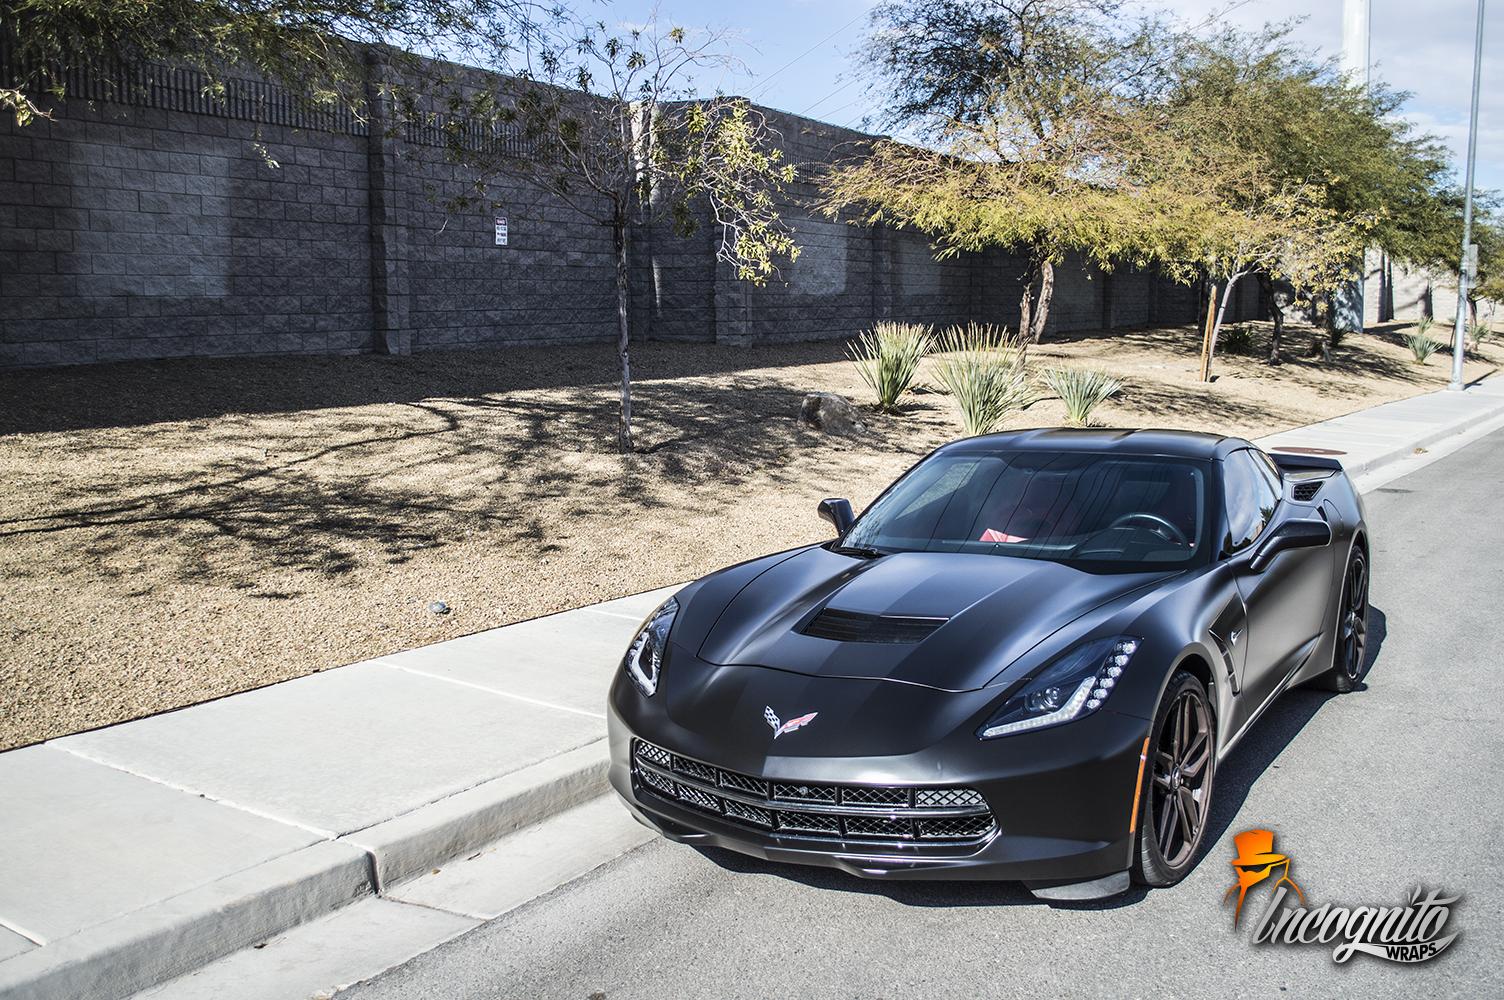 Chevrolet Corvette Satin Black